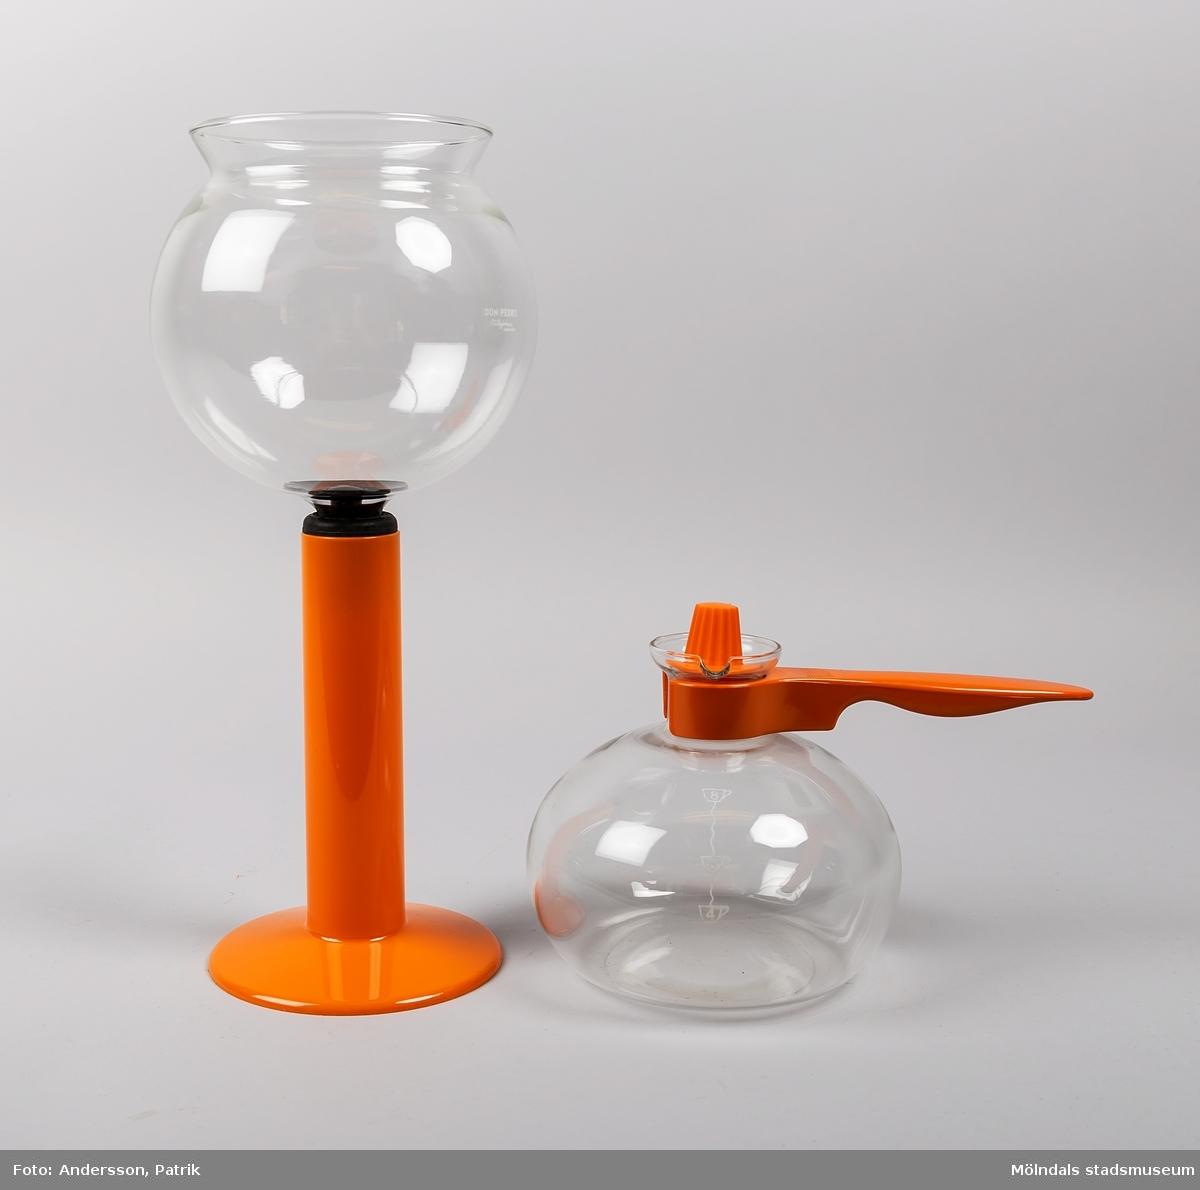 """Kaffebryggare av vakuummodell, som i Sverige går under benämningen """"Don Pedro"""".   Bryggaren består av två glaskärl. Det första är en rund kanna med orange handtag. Till kannan hör även ett orange lock, som kan användas efter att kaffet är färdigt, för att hålla det varmt.   Det andra är en rund skål med ett rör i botten. Runt röret sitter en svart gummiring. I botten på skålen (i mynningen på röret) sitter ett filter i metall. Till skålen med röret medföljer en orange ställning att placera den i, när bryggaren inte används.   För att brygga kaffe i en vakuumbryggare, så spänner man fast ett kaffefilter av metall i botten på skålen med röret. Därefter placeras skålen, med röret nedåt, ovanpå kannan. Vid bryggning tillsätts kaffepulver i den övre skålen och vatten i kannan.   Bryggaren ställs sedan direkt på en spisplatta. När vattnet kokar, bildas ett övertryck i kannan och vattnet trycks upp till skålen där det blandas med det malda kaffet. När bryggaren avlägsnas från värmekällan, kyls kannan av, varvid ett undertryck uppstår. Kaffet sugs då genom filtret tillbaka till kannan.   Glaskärlen är ömtåliga och går lätt sönder när det ska diskas.  På 1840-talet tog fransyskan Marie Fanny Amlene Massot i Lyon patent på denna bryggmetod, men under namnet Madame Vassieux.  År 1959 lanserades Don Pedro i Sverige som """"Nilsjohan Don Pedro""""."""